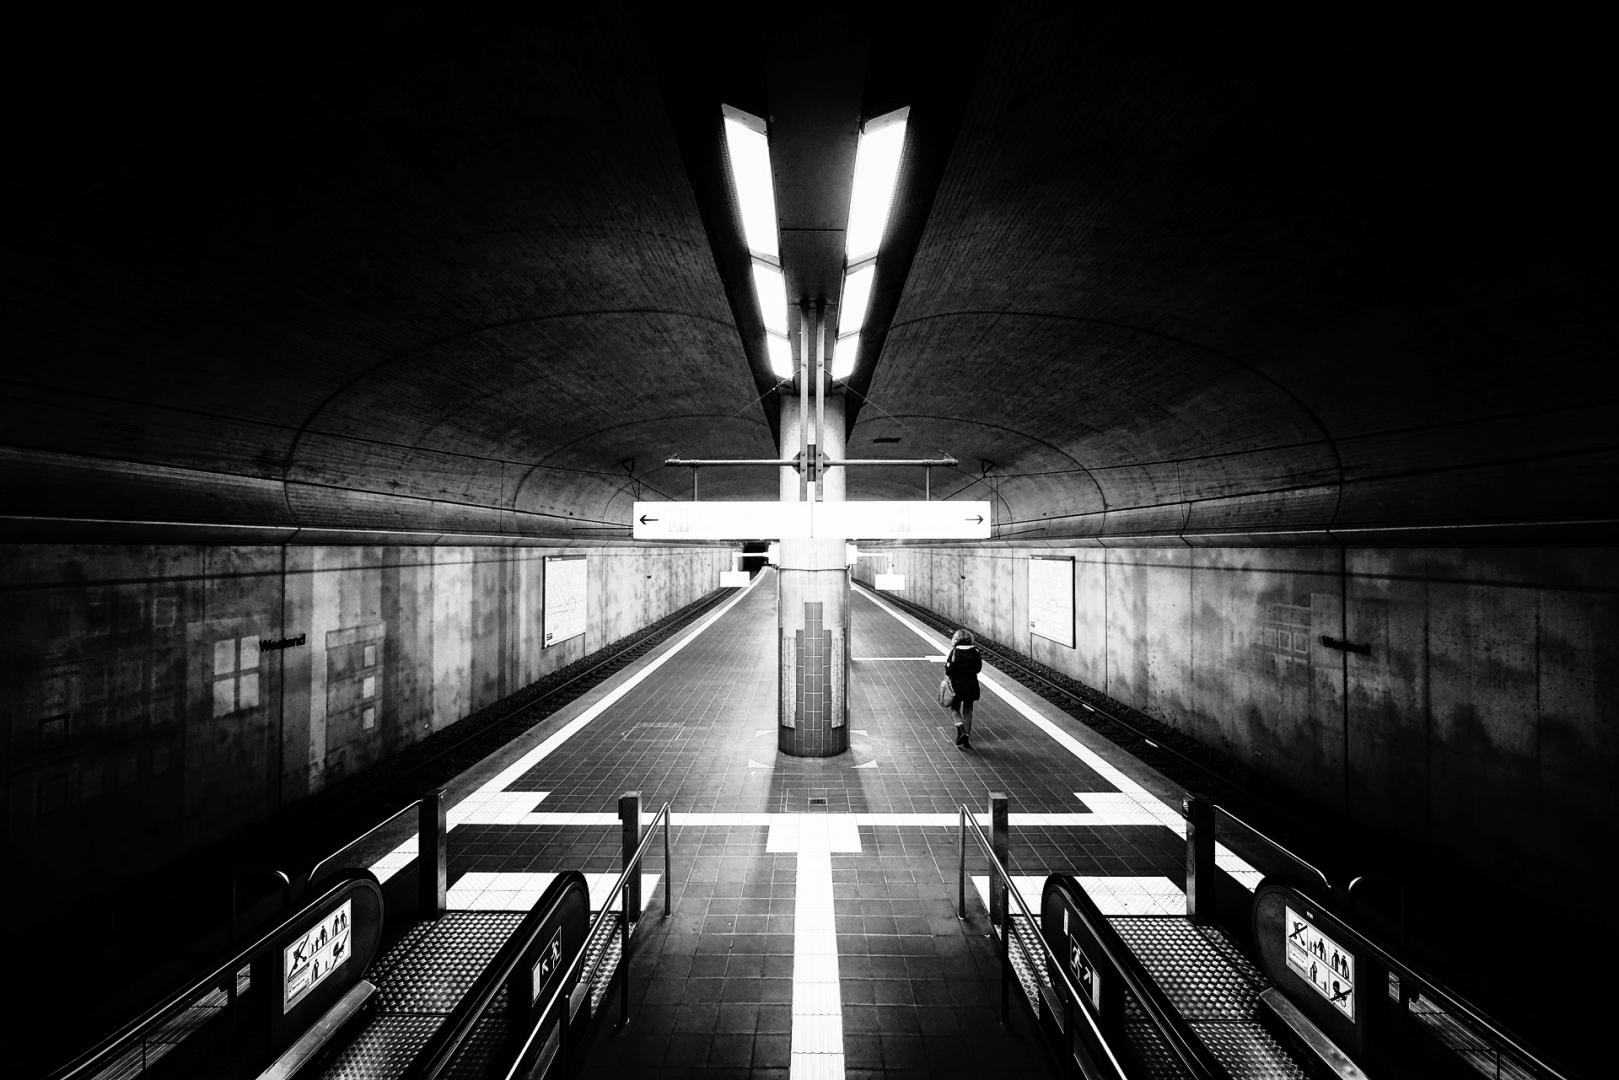 Fotografia de Rua/All by myself